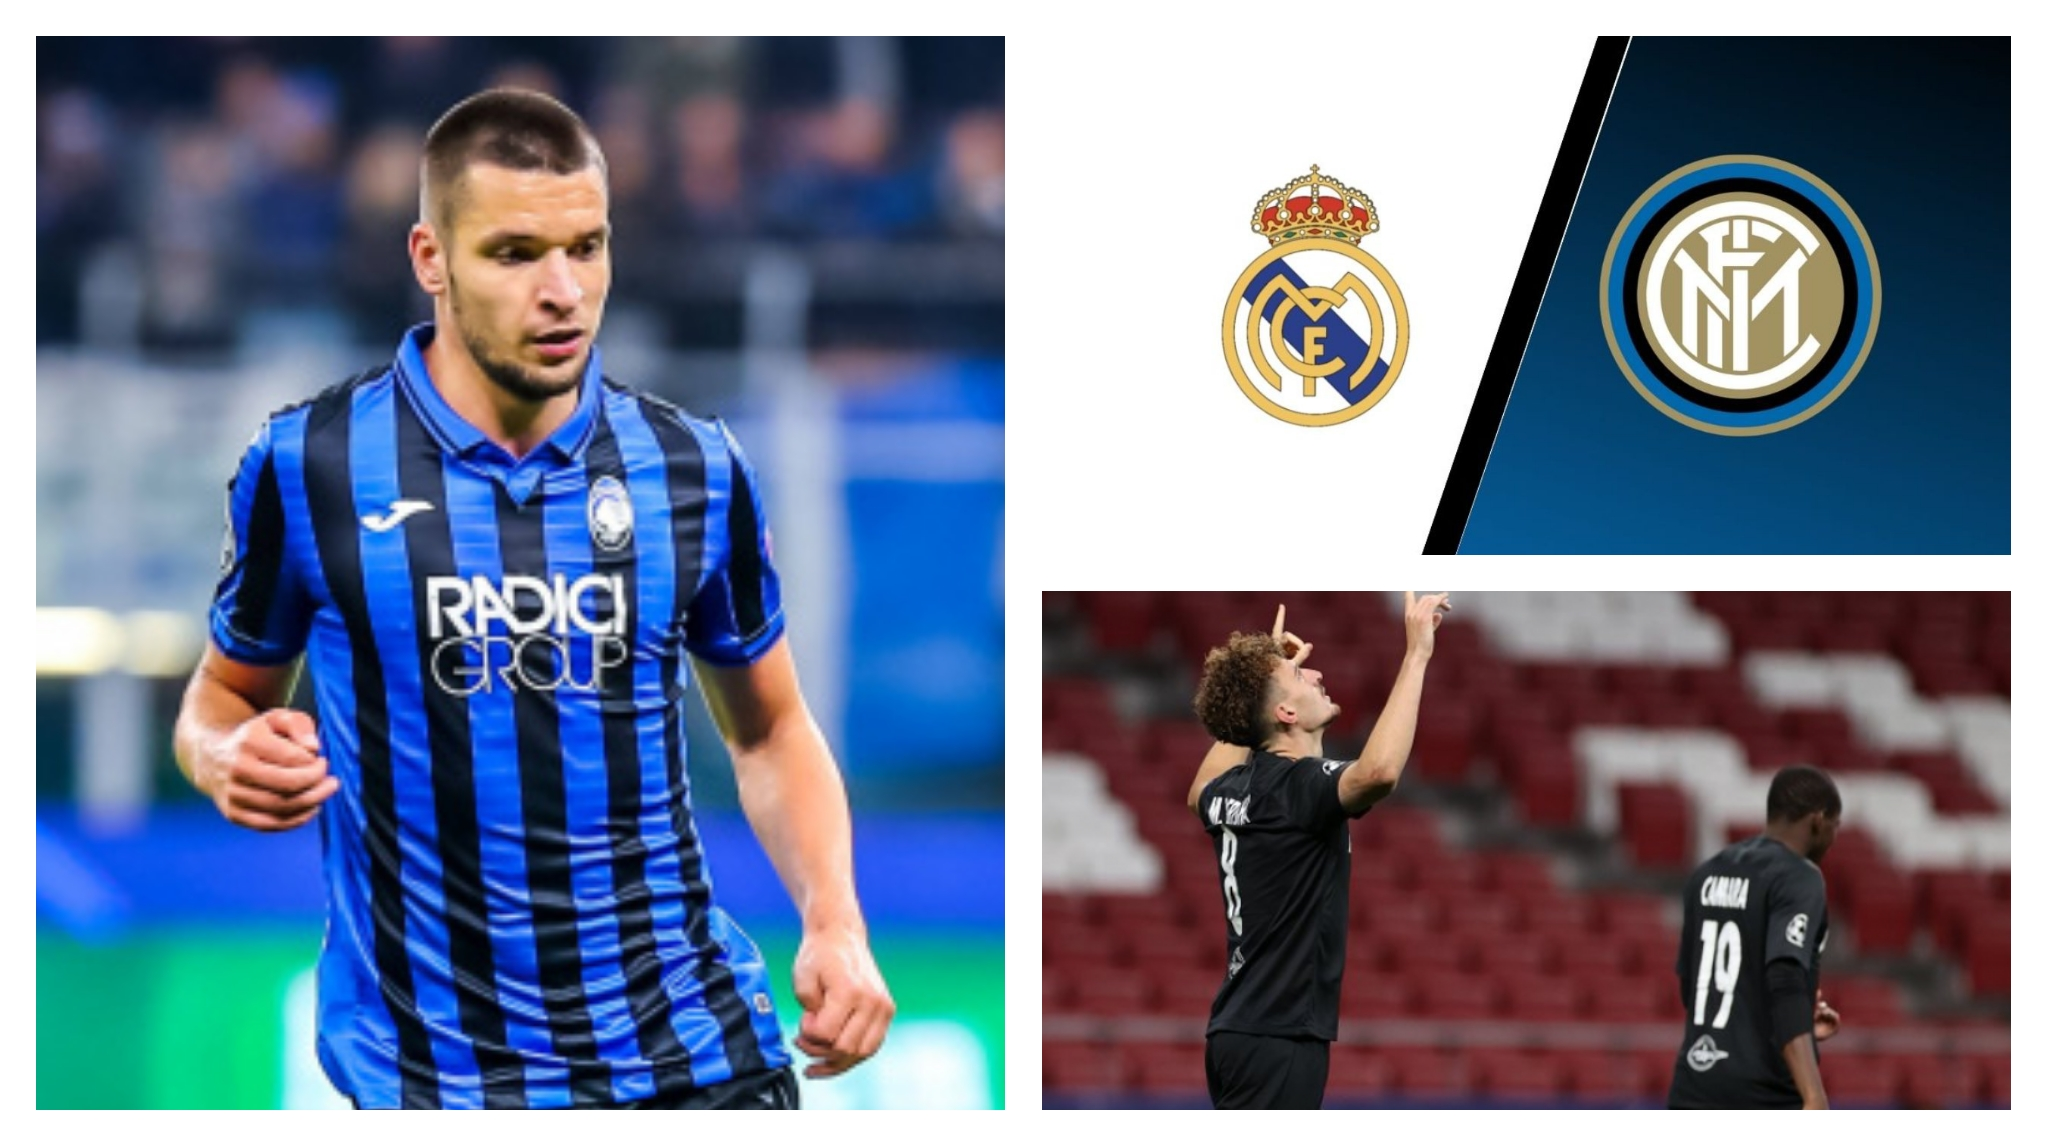 Nata e Champions: Jo vetëm Real-Inter, Gjimshiti e Berisha sfidojnë dy kampionët e fundit